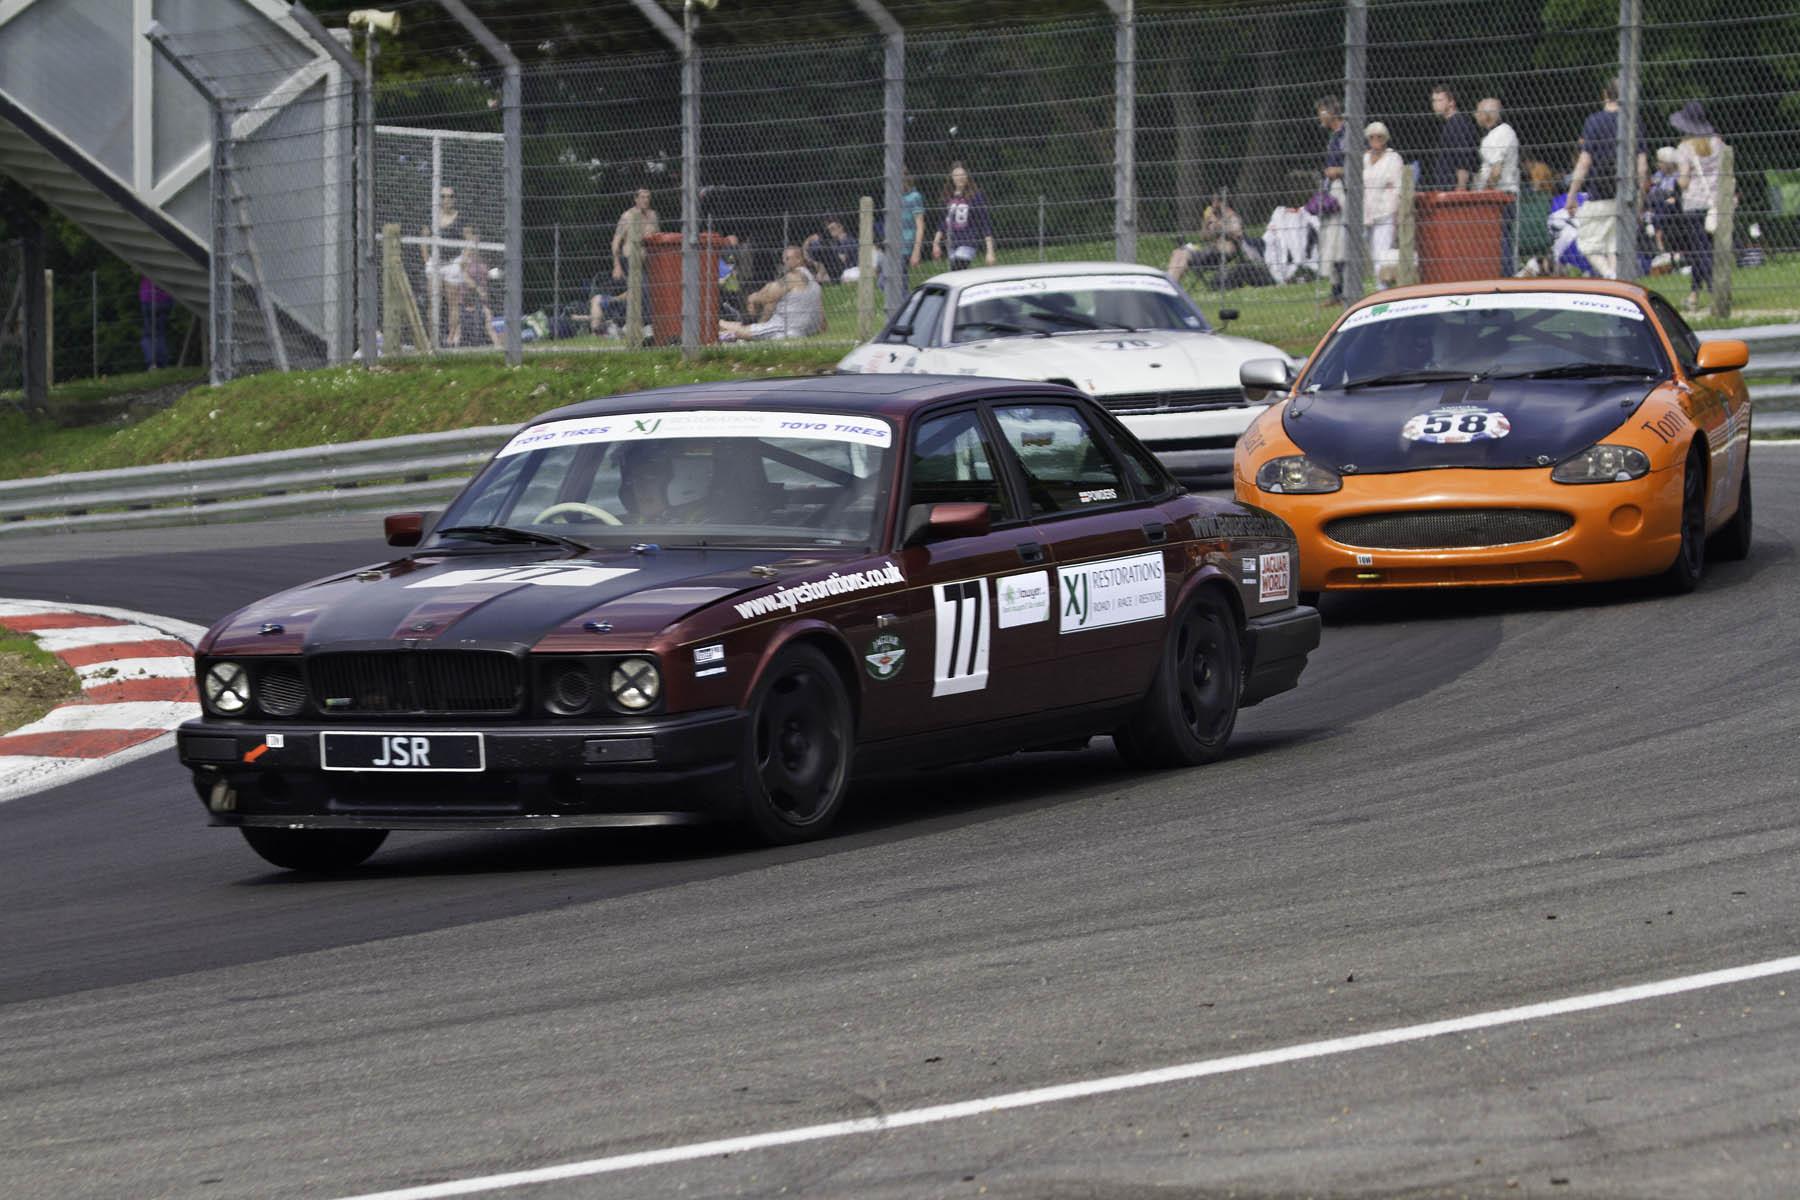 2020 JEC Racing Donington - The Toyo… | Jaguar Enthusiasts' Club